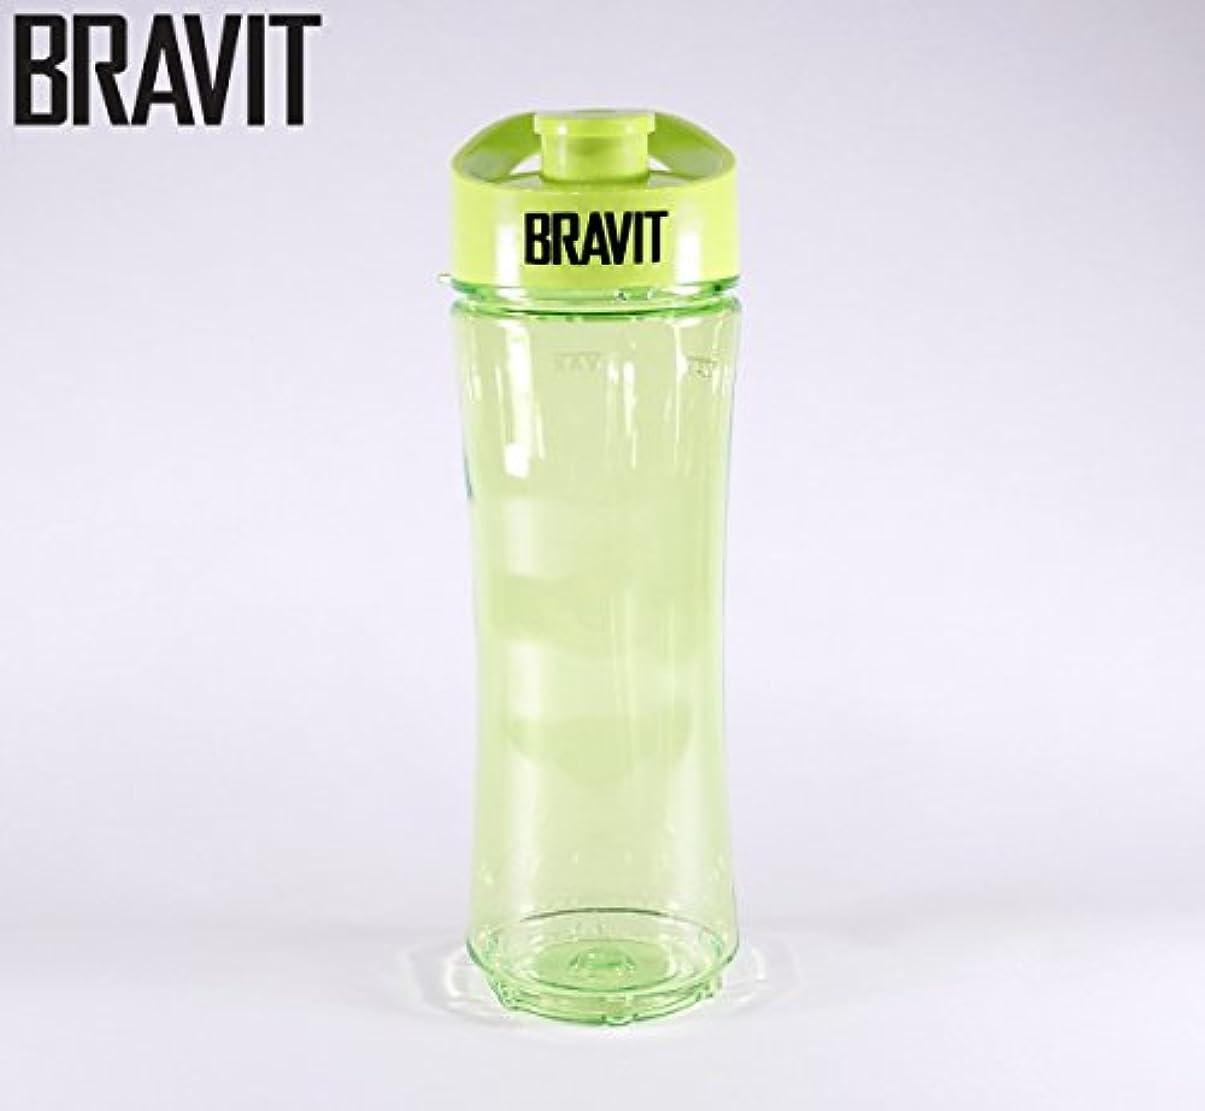 発明するホーム過半数BRAVIT Personal Sports Bottle, Smoothie, Shake Maker with Travel Lead for BRAVIT Personal Sports Blender by BRAVIT